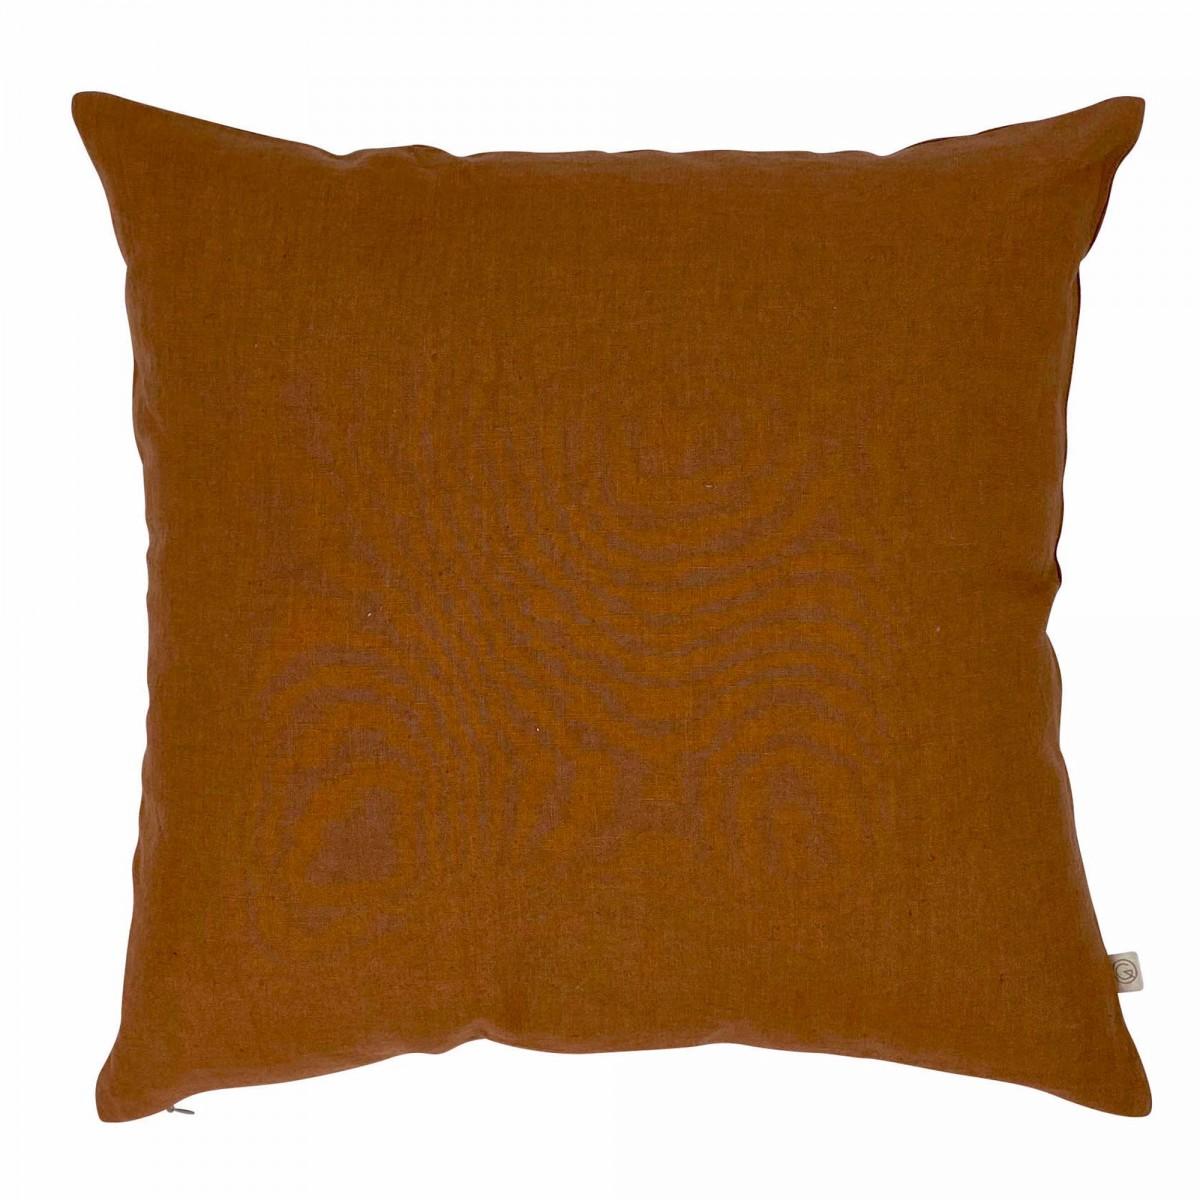 Housse de coussin en lin lavé marron cuivre 45x45